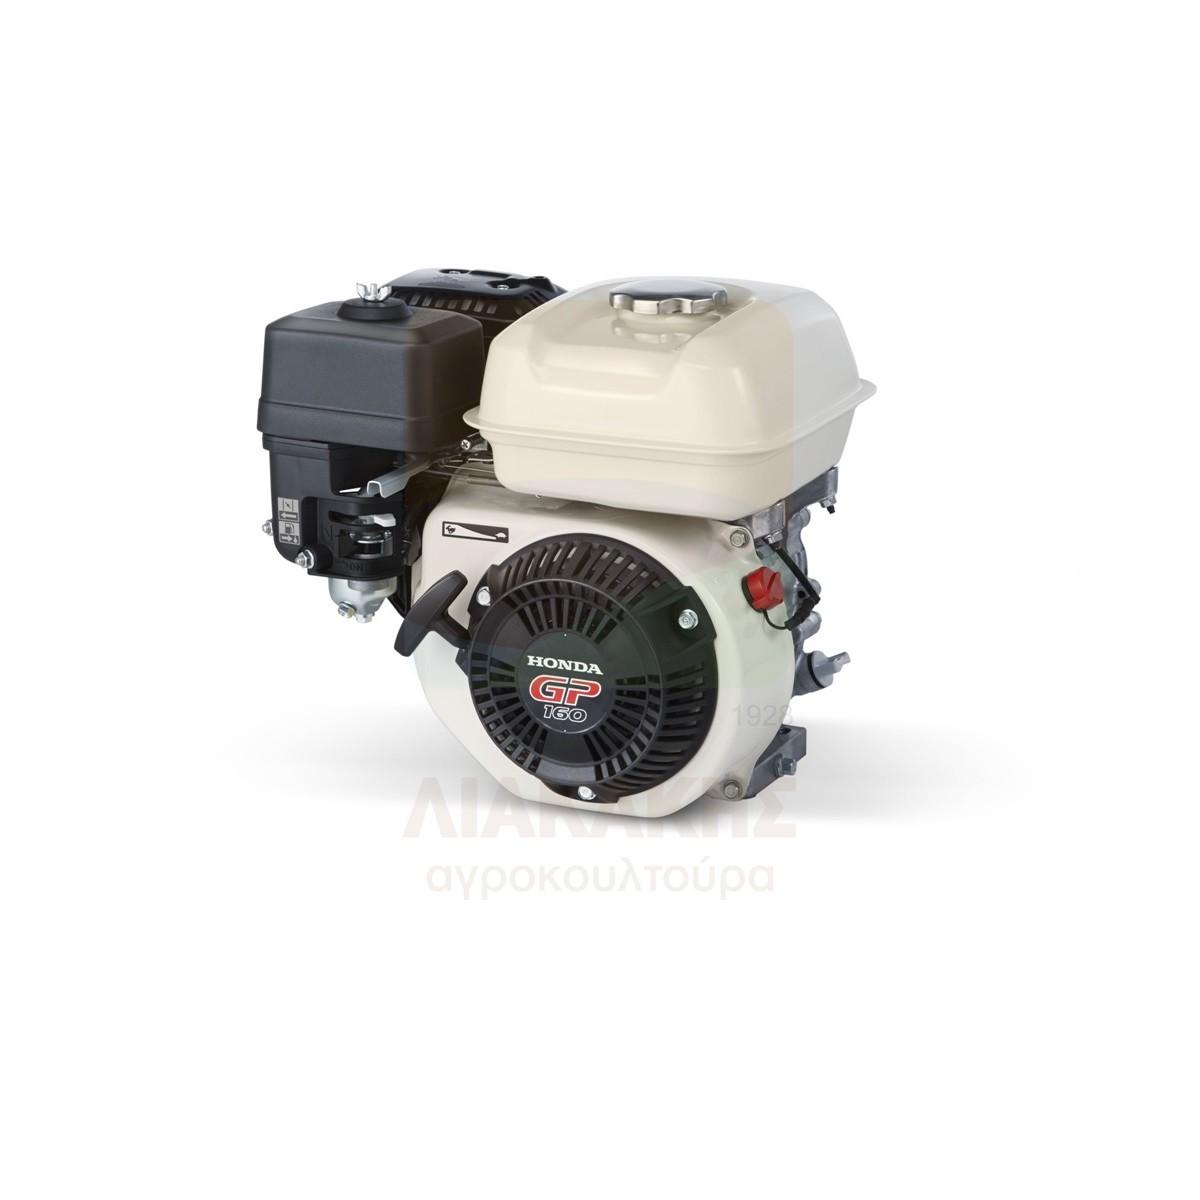 Κινητήρας βενζίνης HONDA GP 160 5.5hp